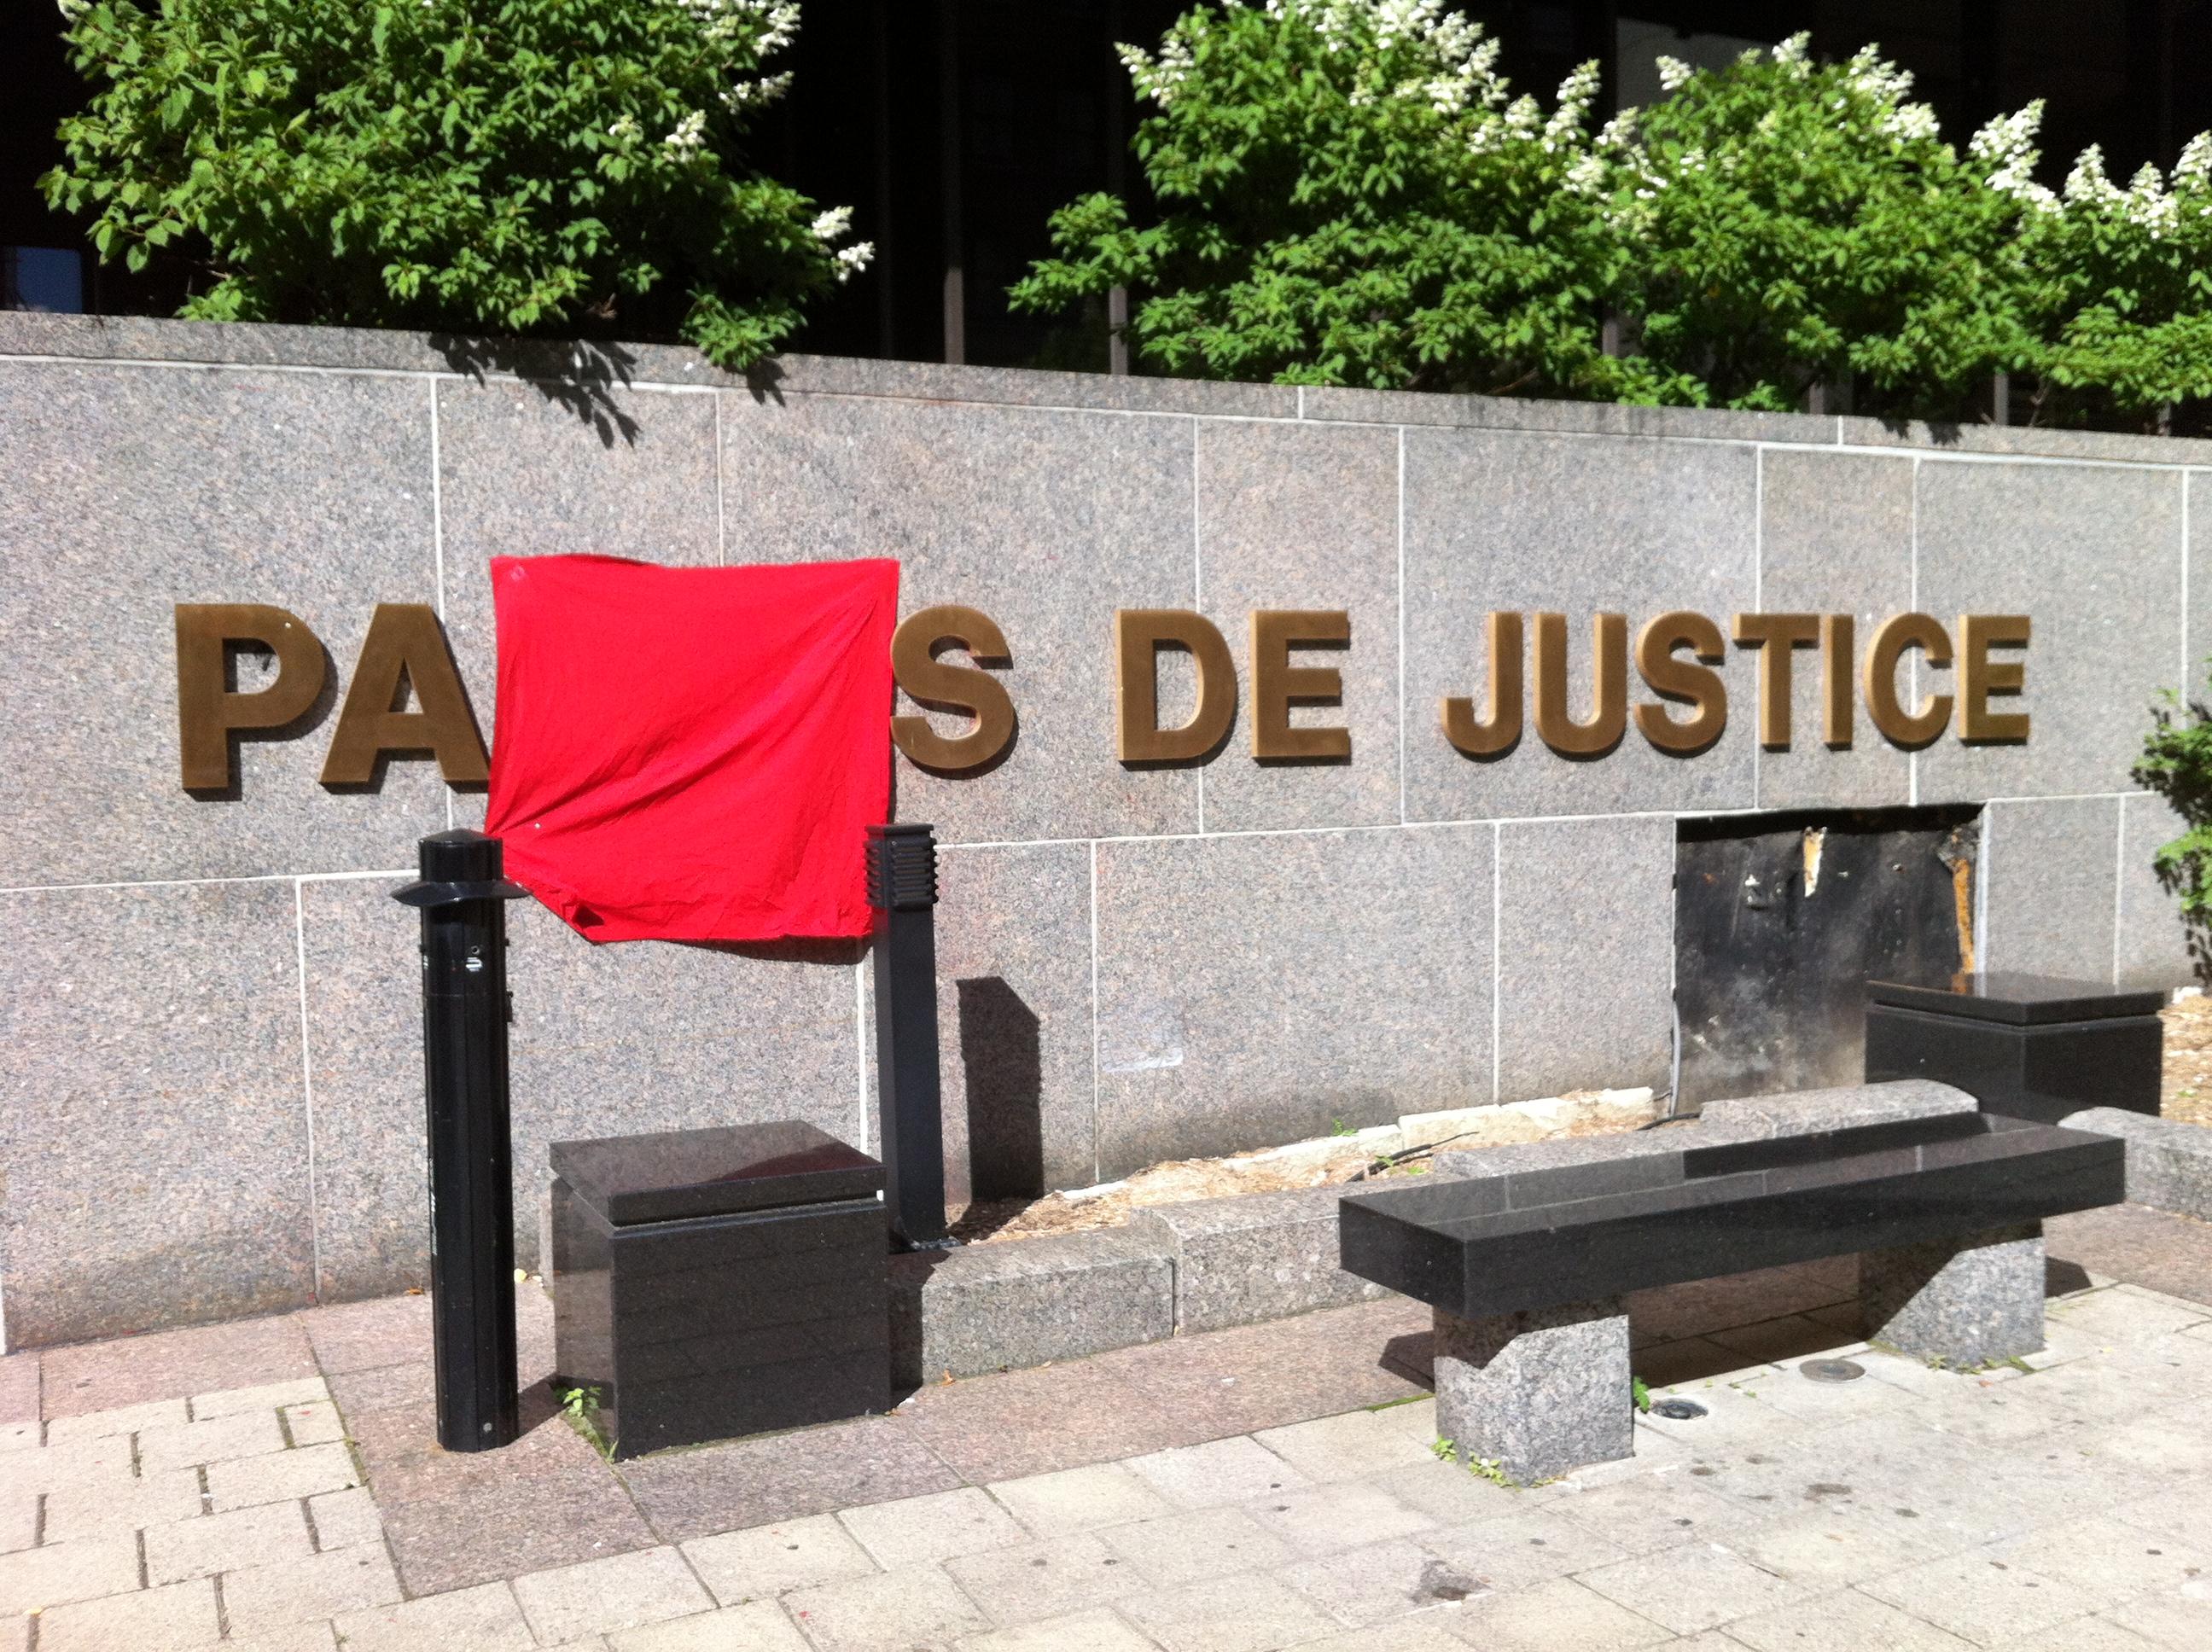 pas de justice